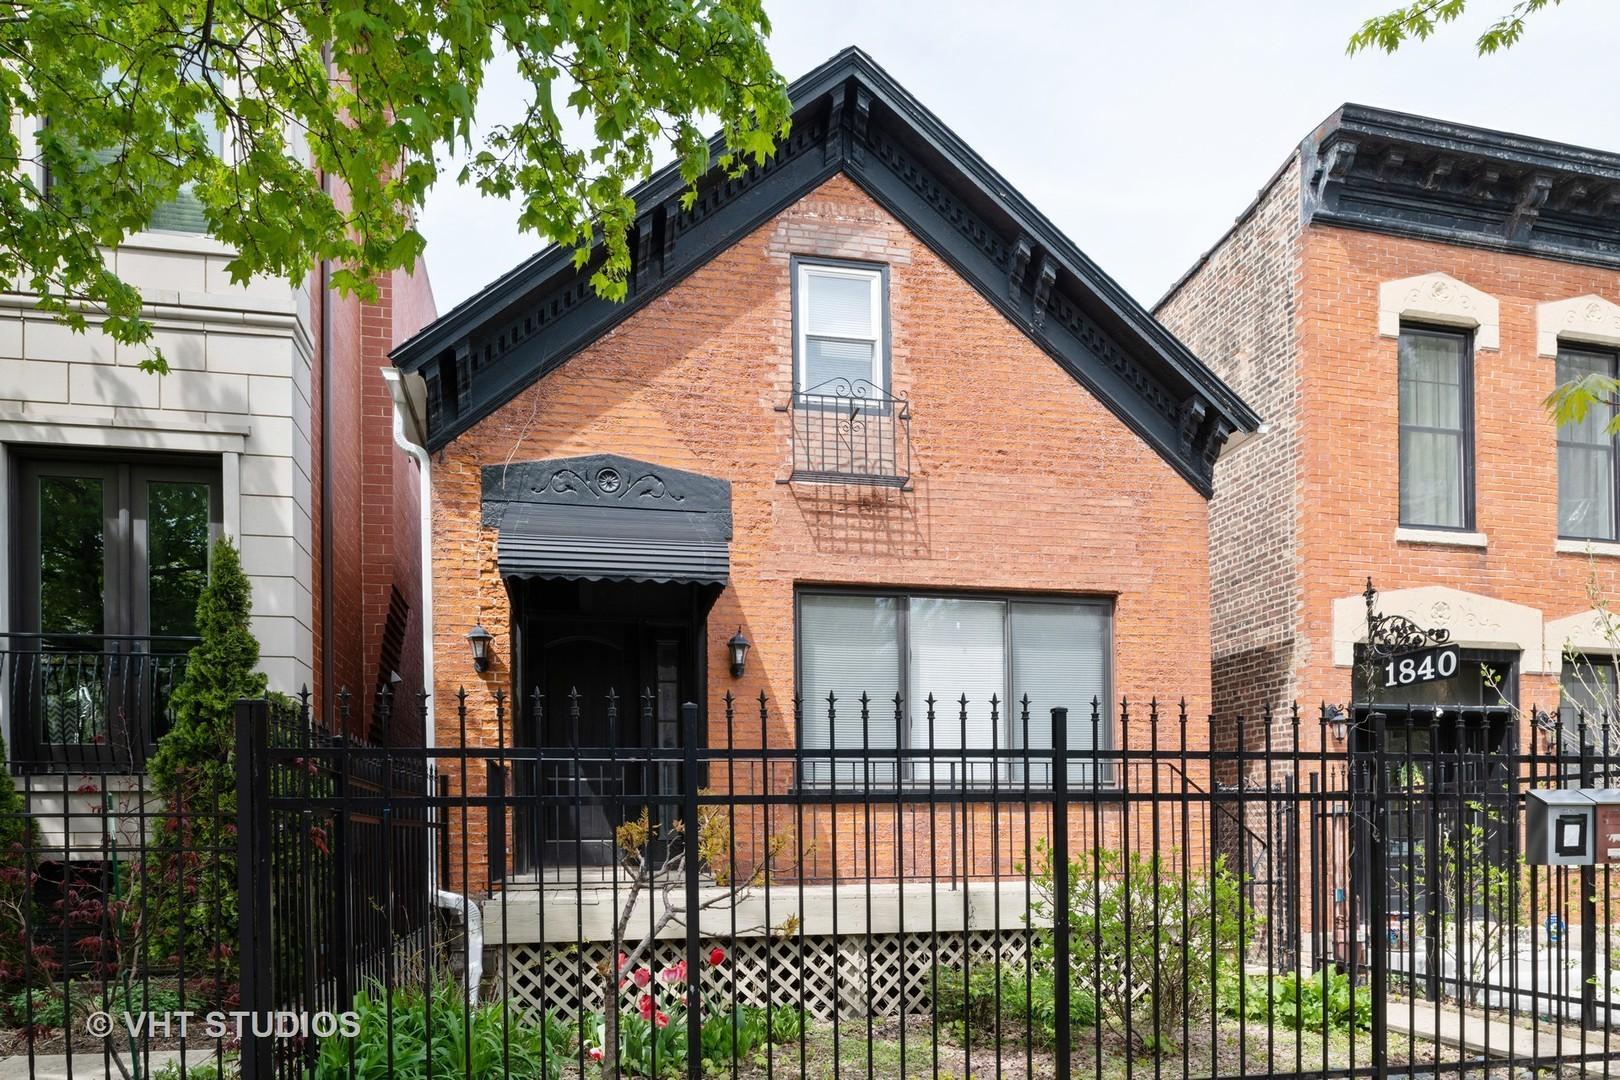 1840 W Huron  Street, Unit 2 preview